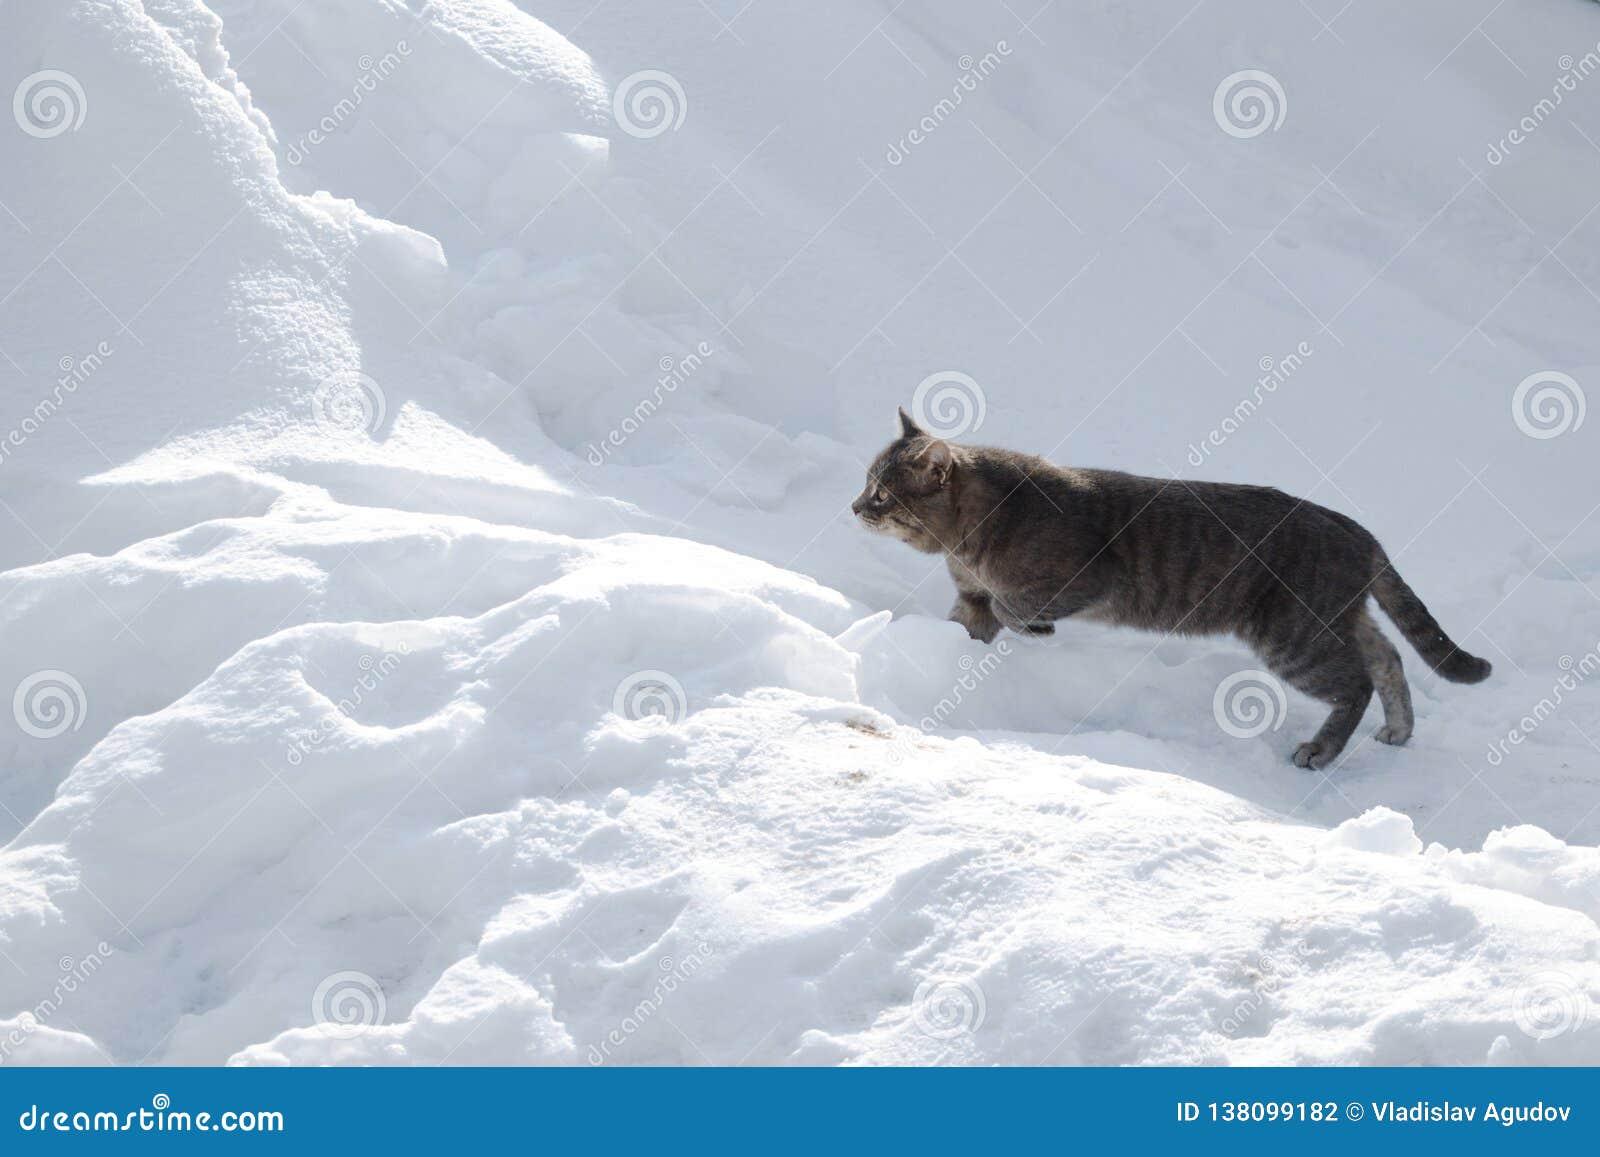 O gato está preparando-se para saltar sobre um monte de neve